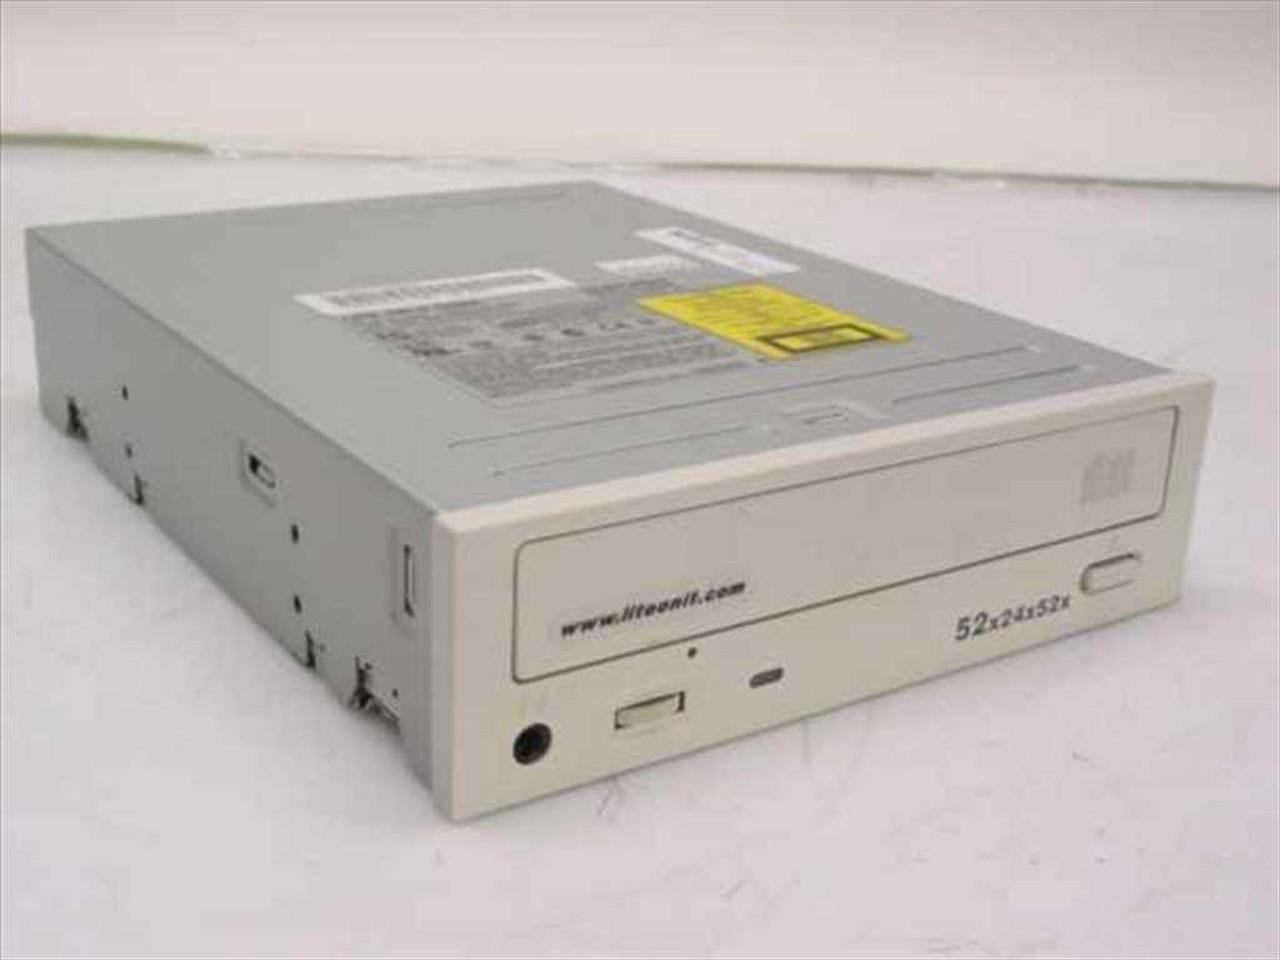 Liteon ltr-40125w cd-rw.